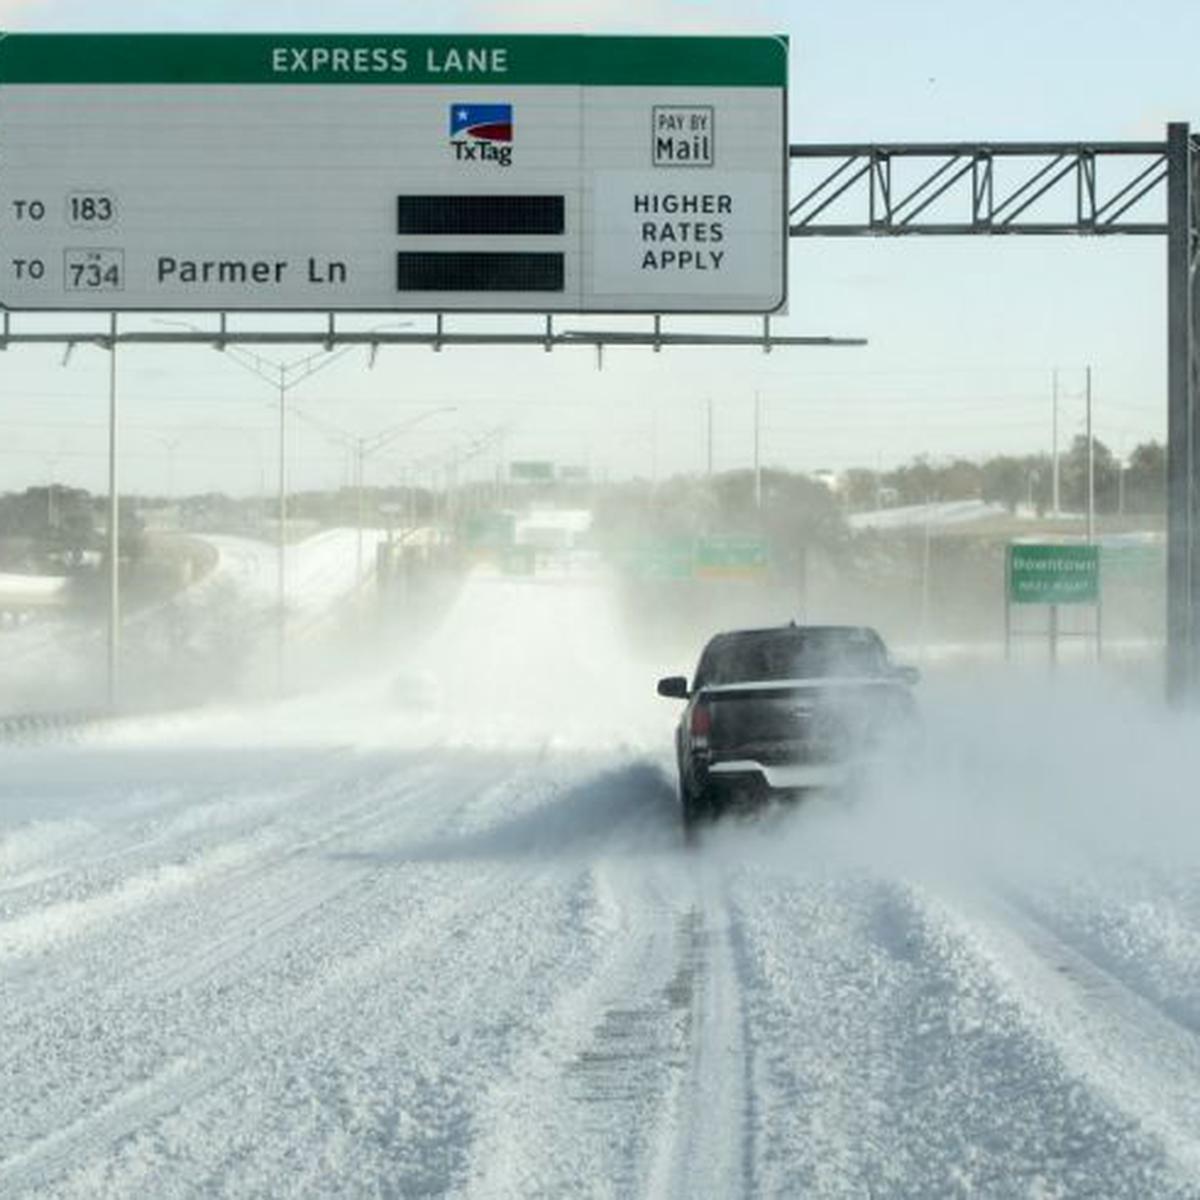 Texas Tormenta Invernal Deja A Millones Sin Electricidad Estados Unidos Fotos Mundo El Comercio Perú